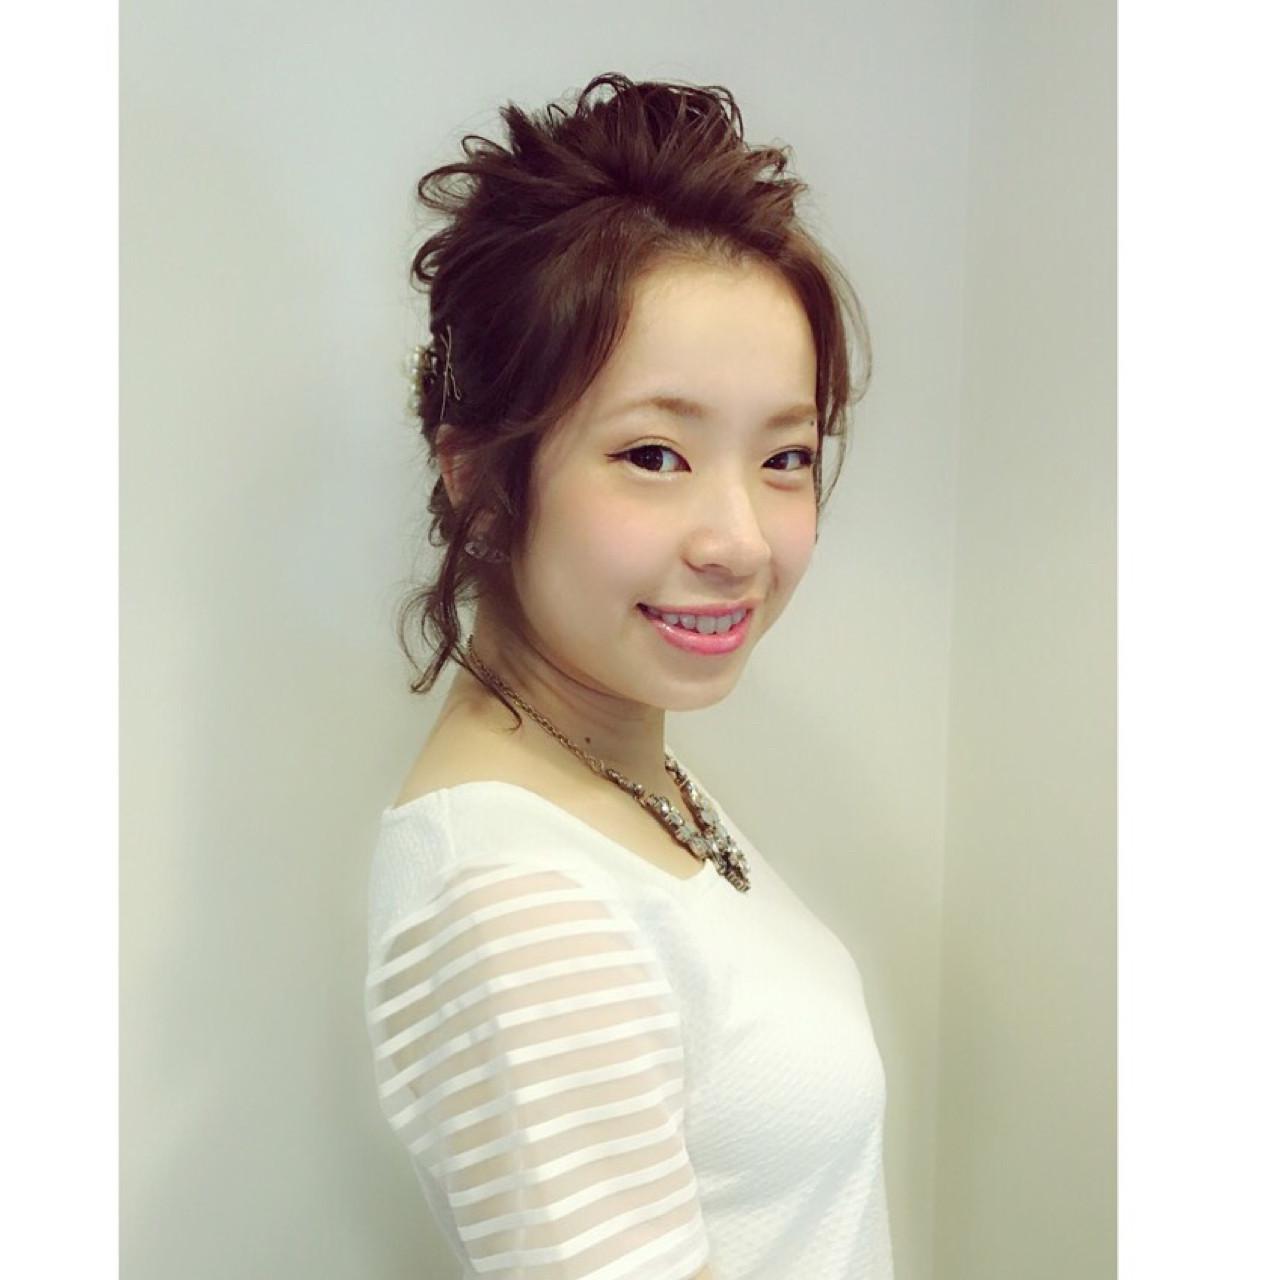 前髪少ない人もOK♡お呼ばれの似合わせヘア Kasumi Nishimoto